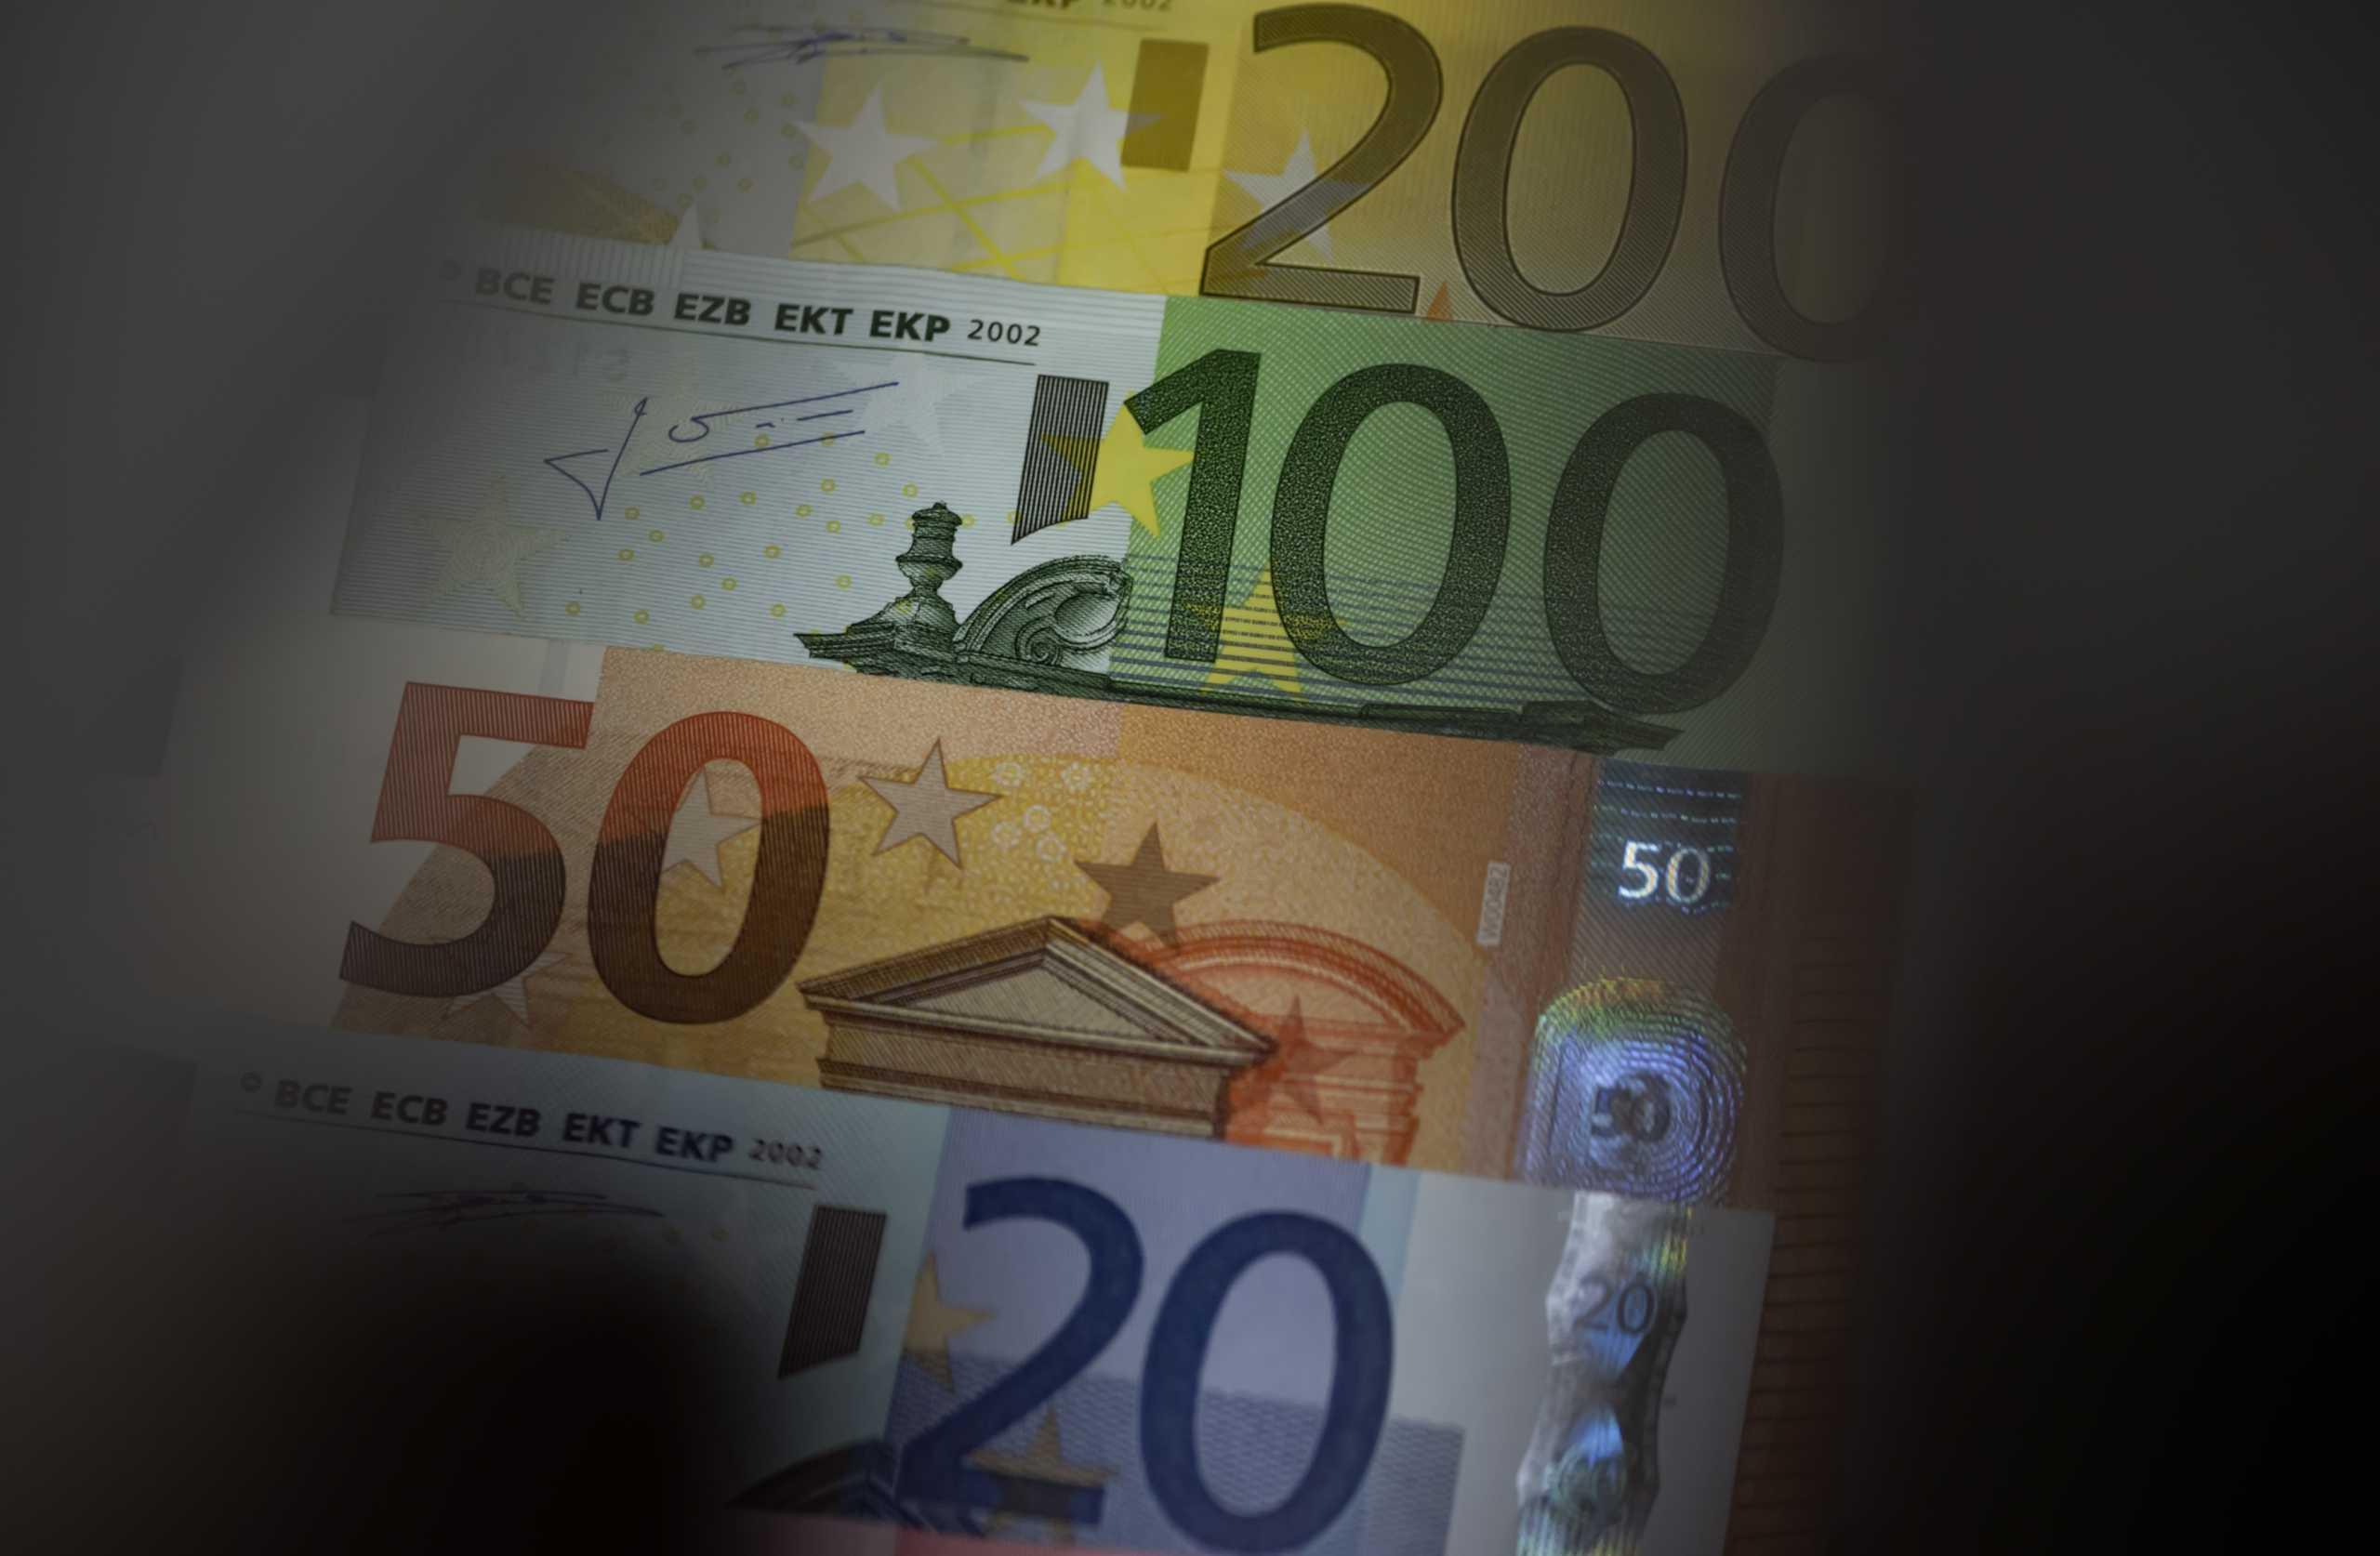 Ενισχύονται 9.617 επιχειρήσεις της Αττικής – Πώς θα γίνει η εκταμίευση των χρημάτων